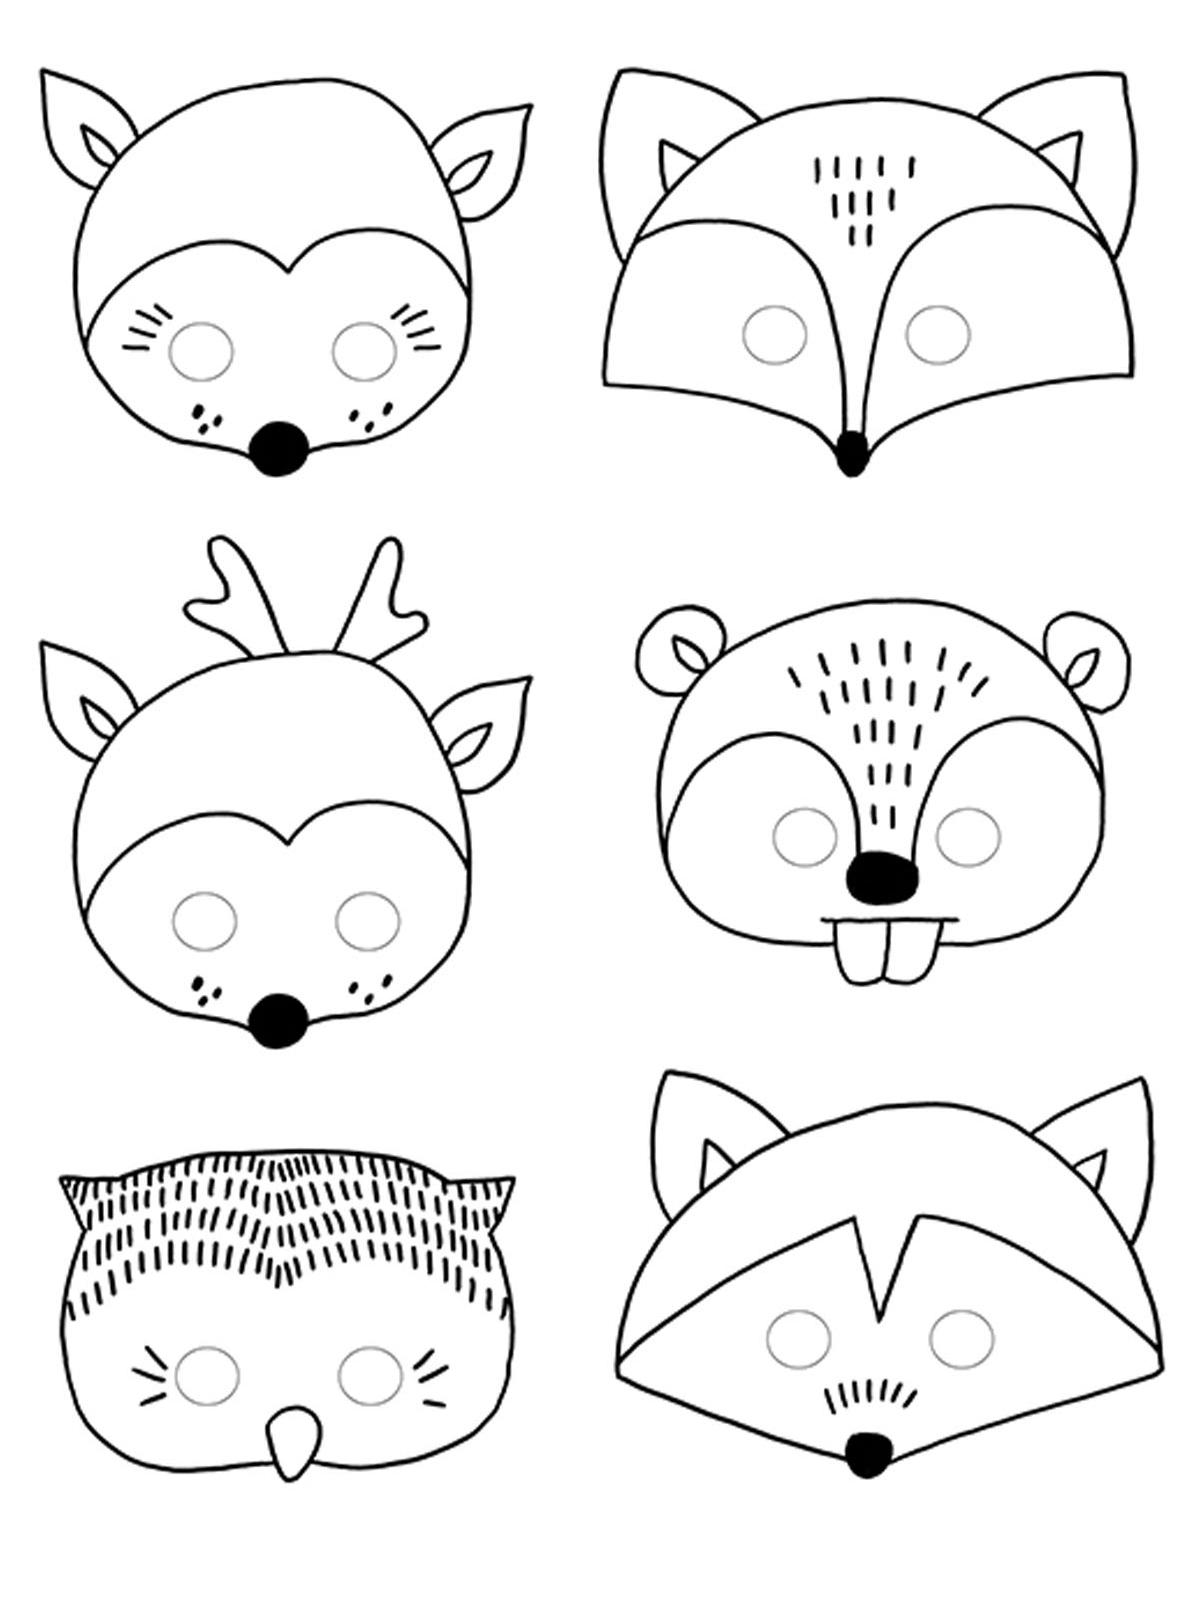 6 maschere da colorare tema foresta su vegaooparty for Disegni da colorare blaze